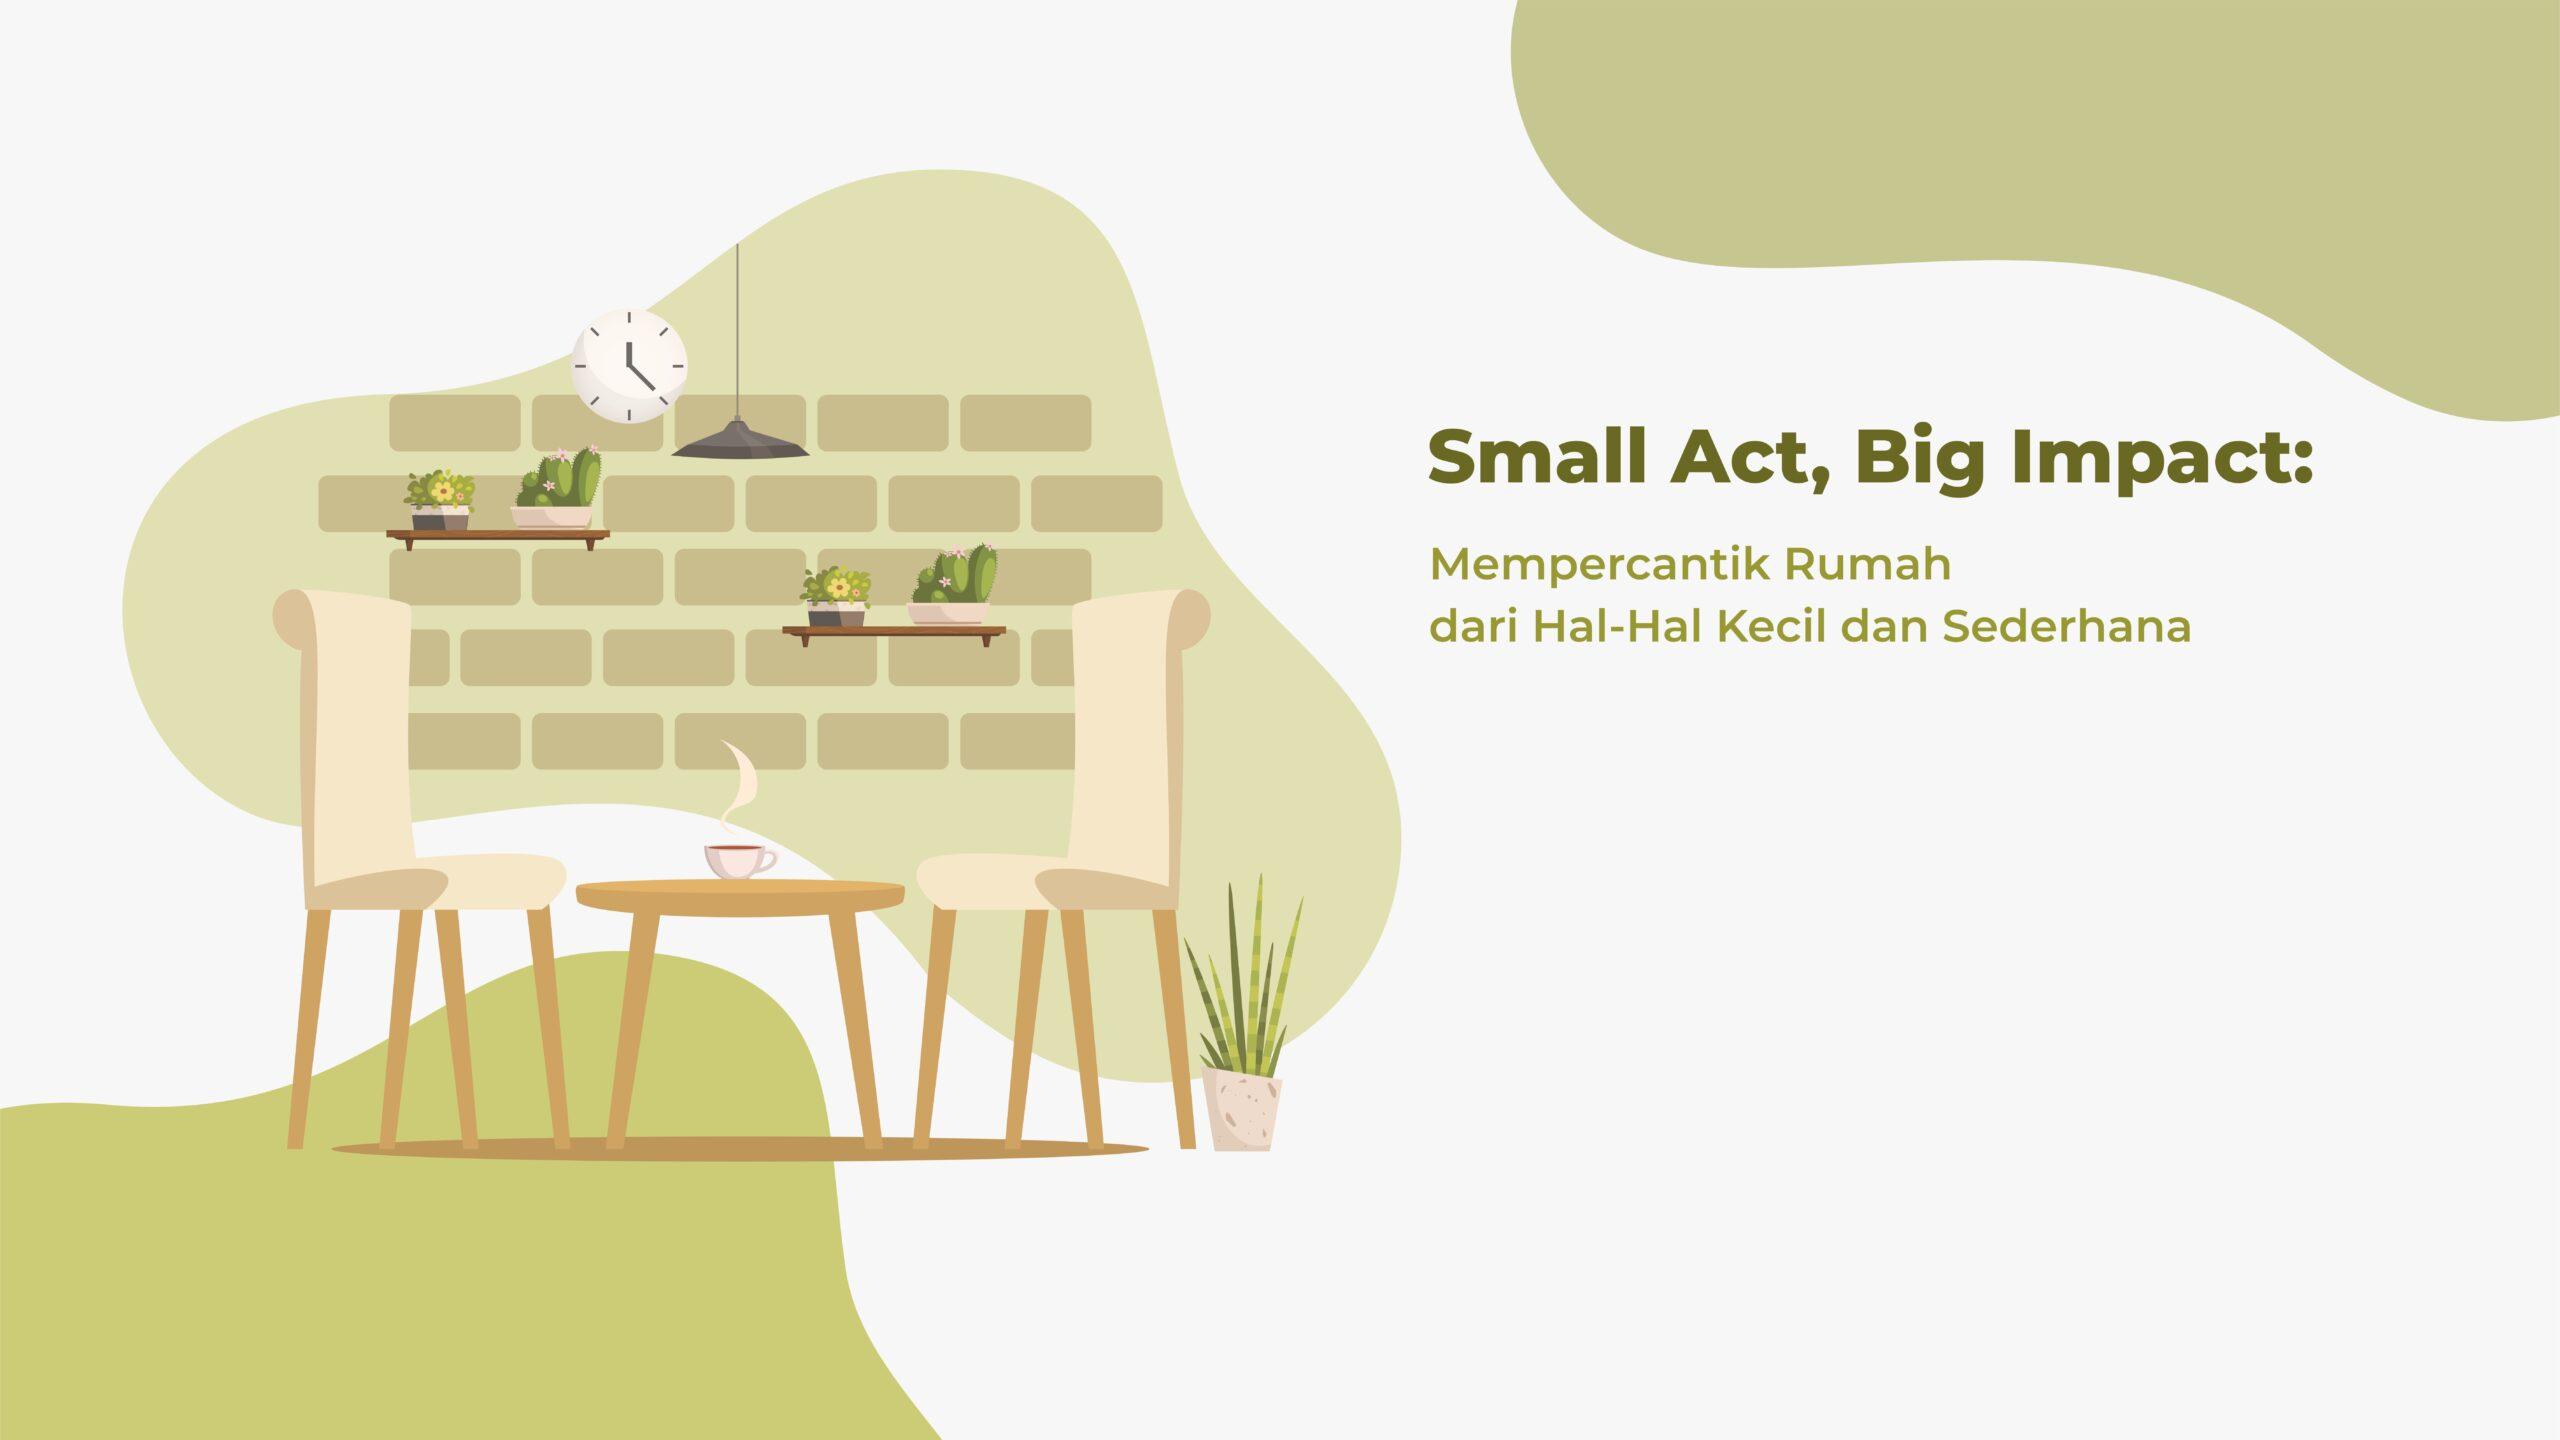 Mempercantik Rumah scaled Big Impact